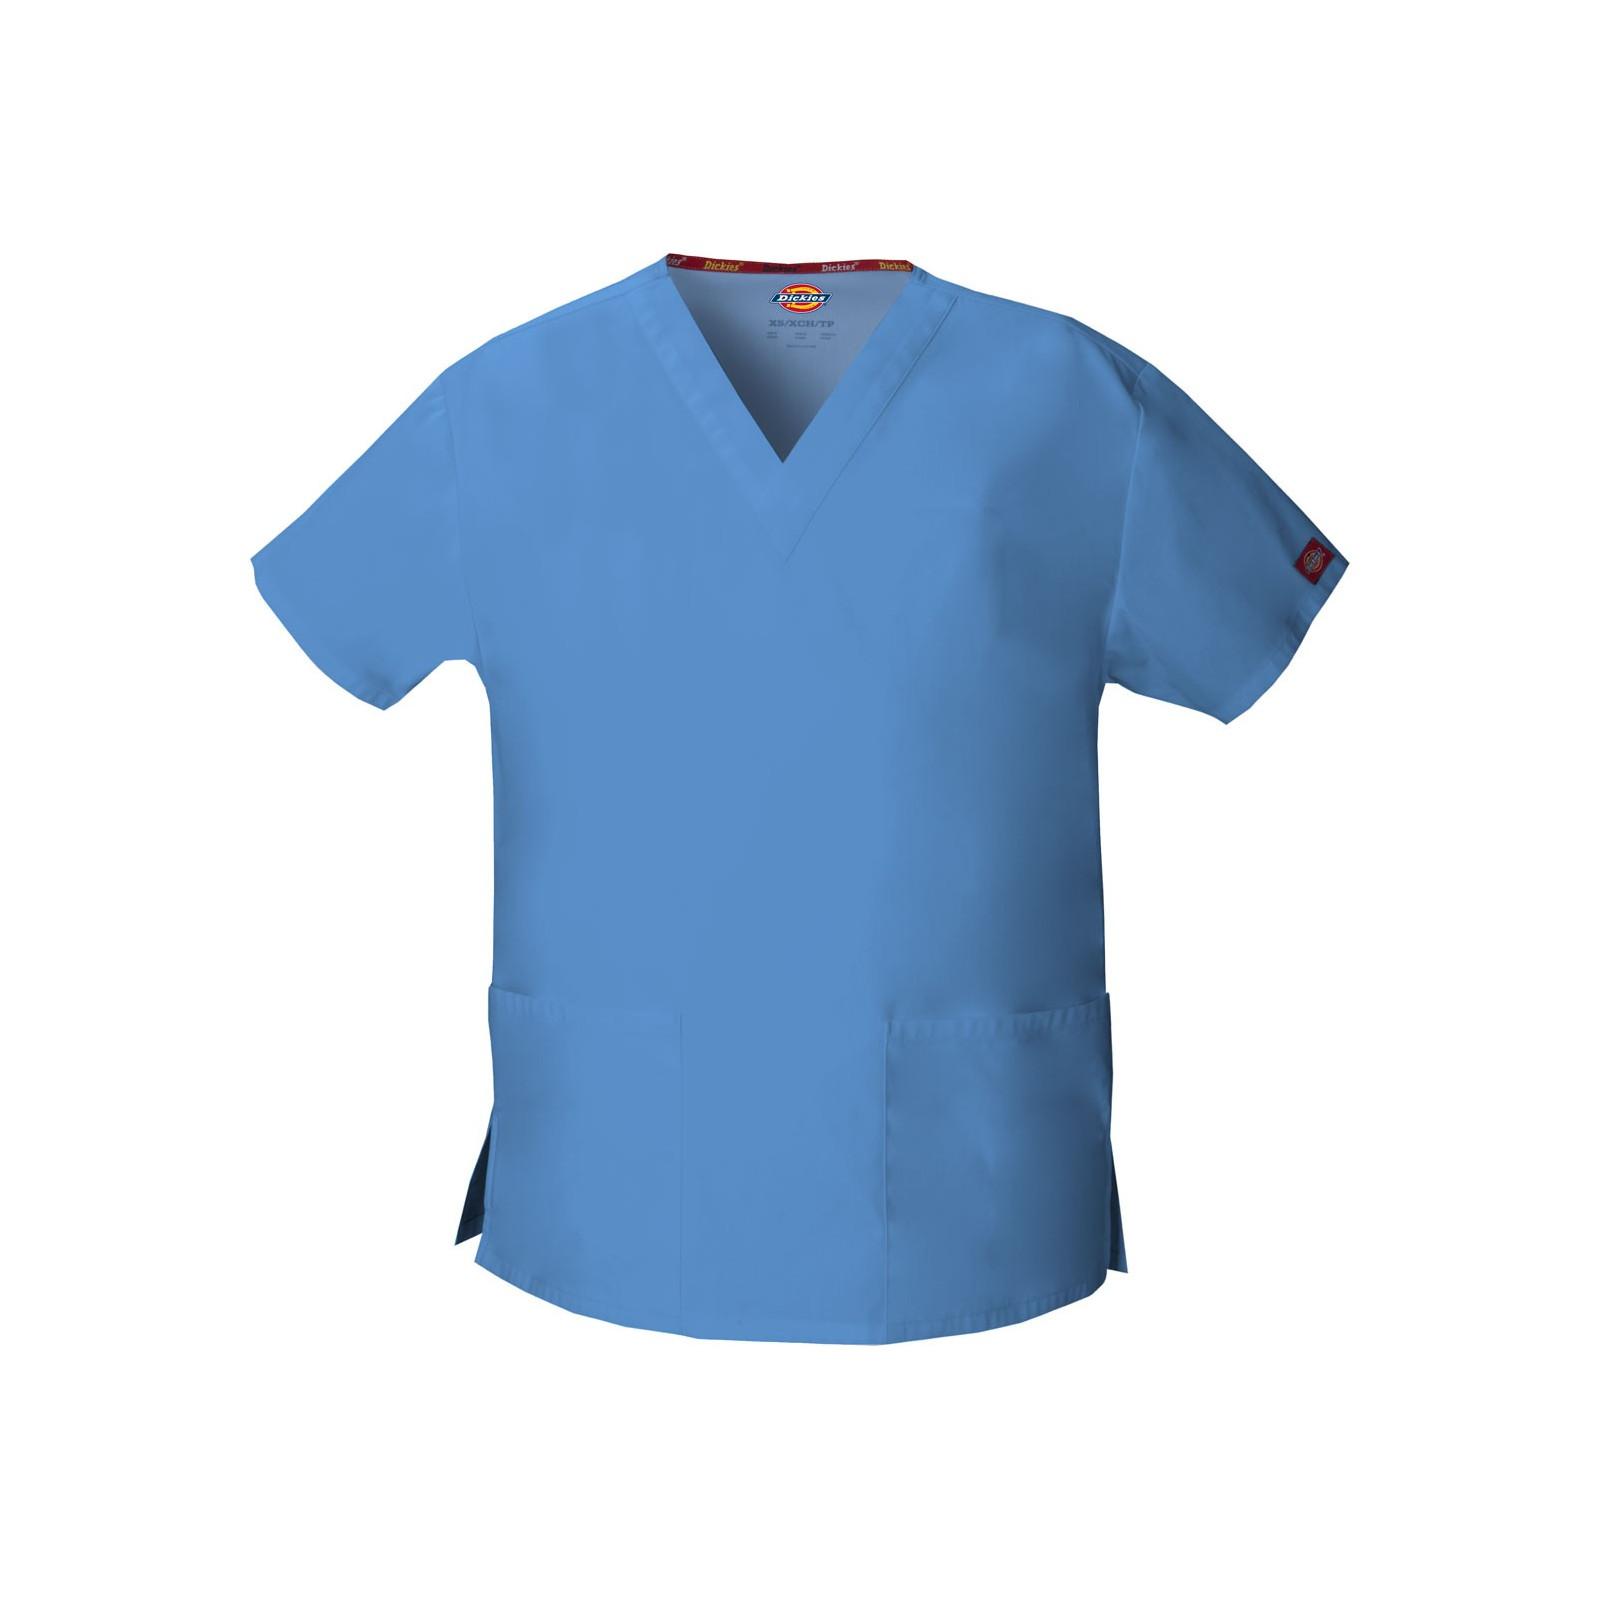 """Blouse médicale Col V Homme, Dickies, 2 poches, Collection """"EDS signature"""" (86706), couleur bleu ciel, vue produit"""